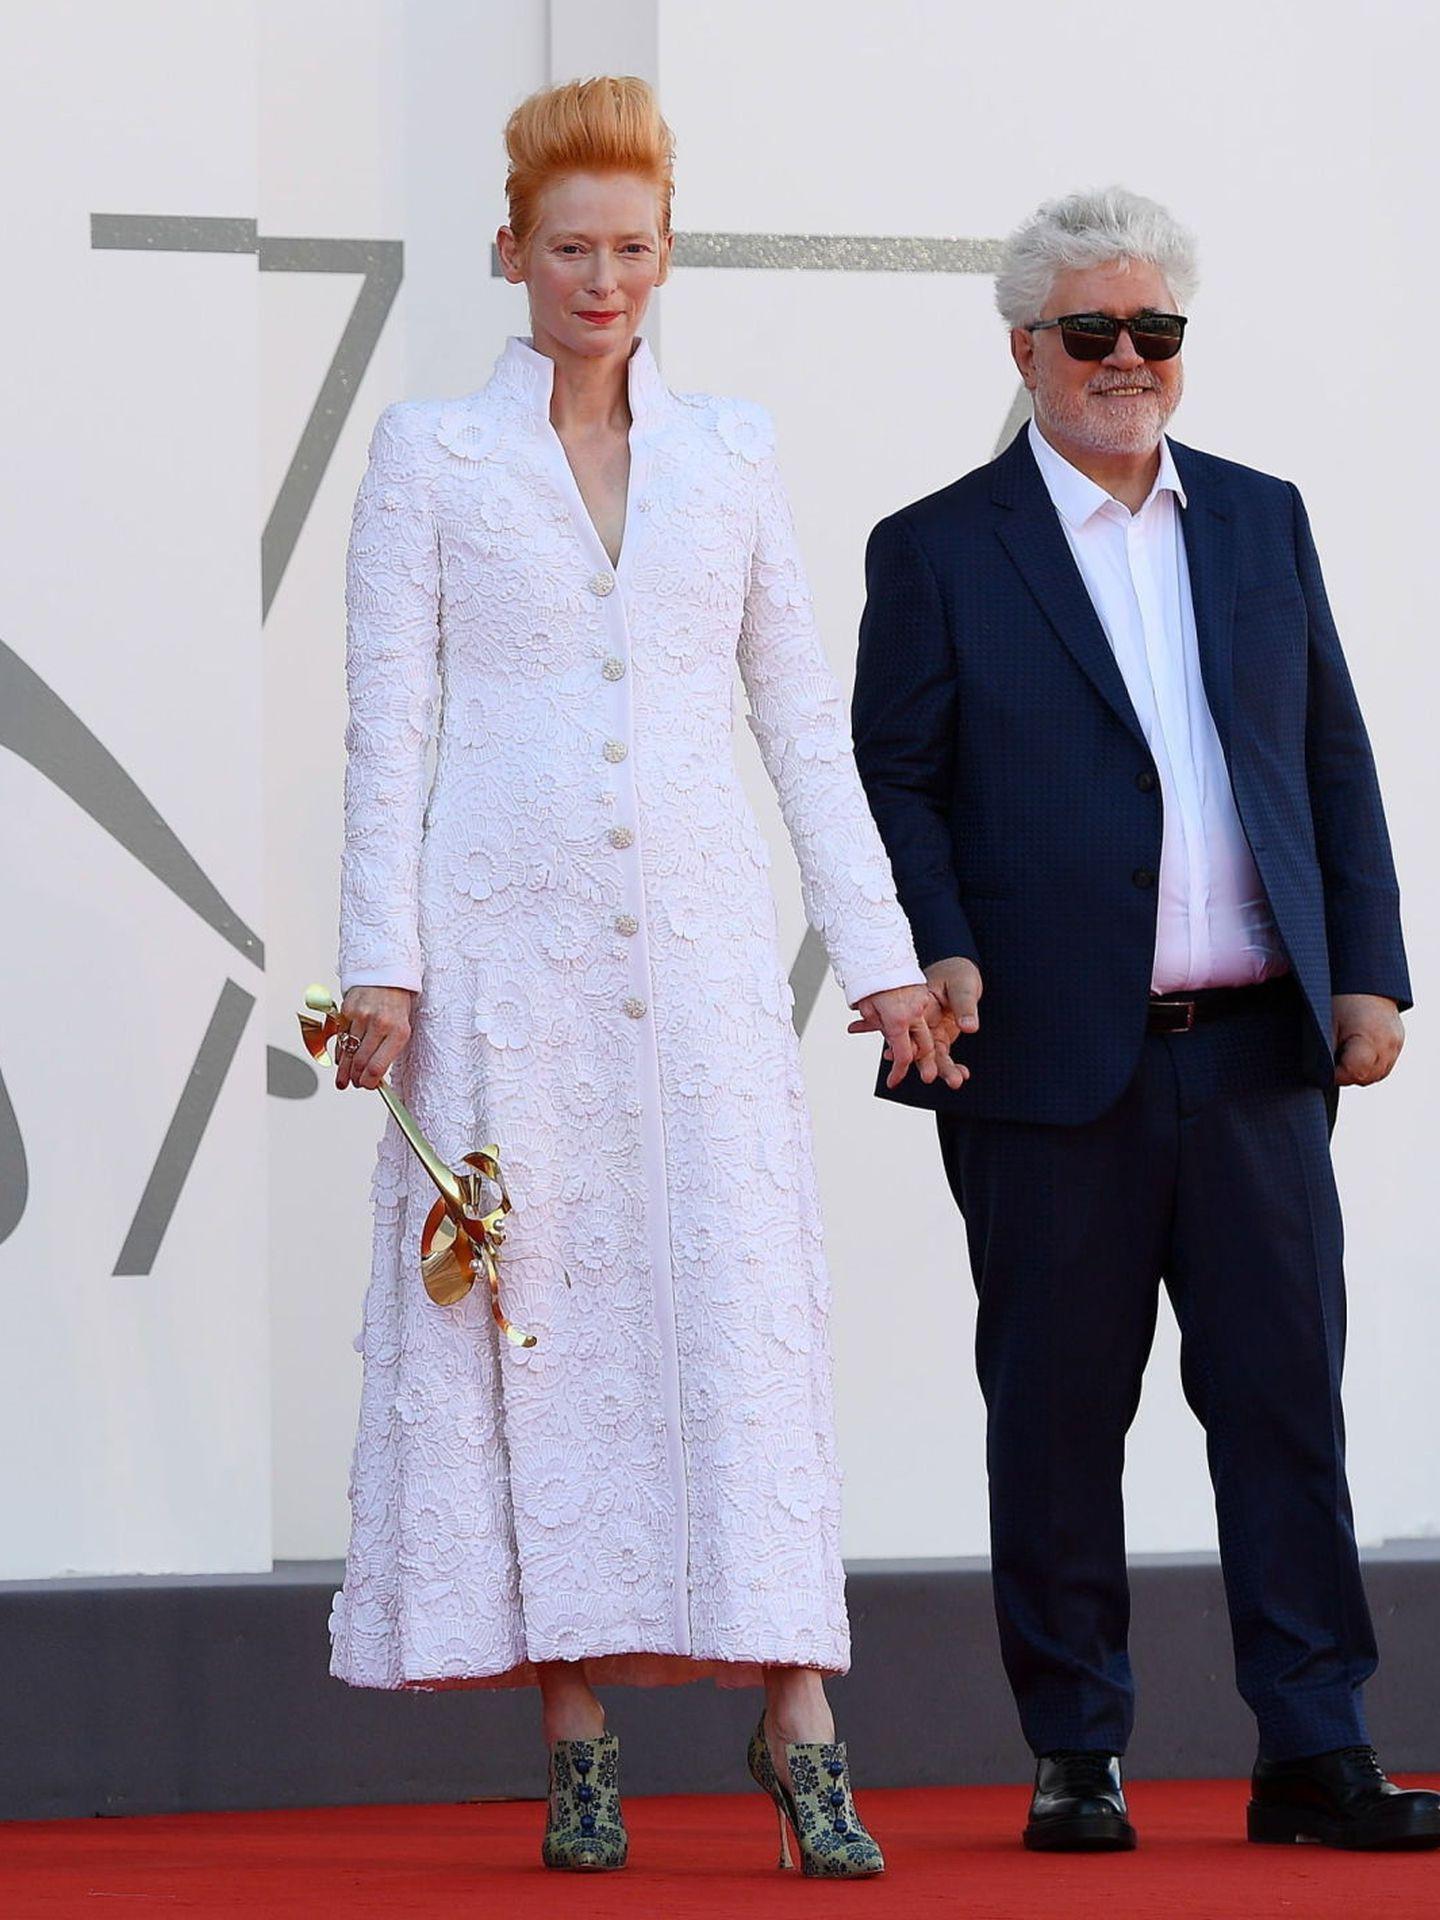 Pedro Almodóvar, con traje azul marino y camisa blanca, junto a Tilda Swinton, con vestido blanco de Chanel, en la presentación de 'The Human Voice'. (EFE)